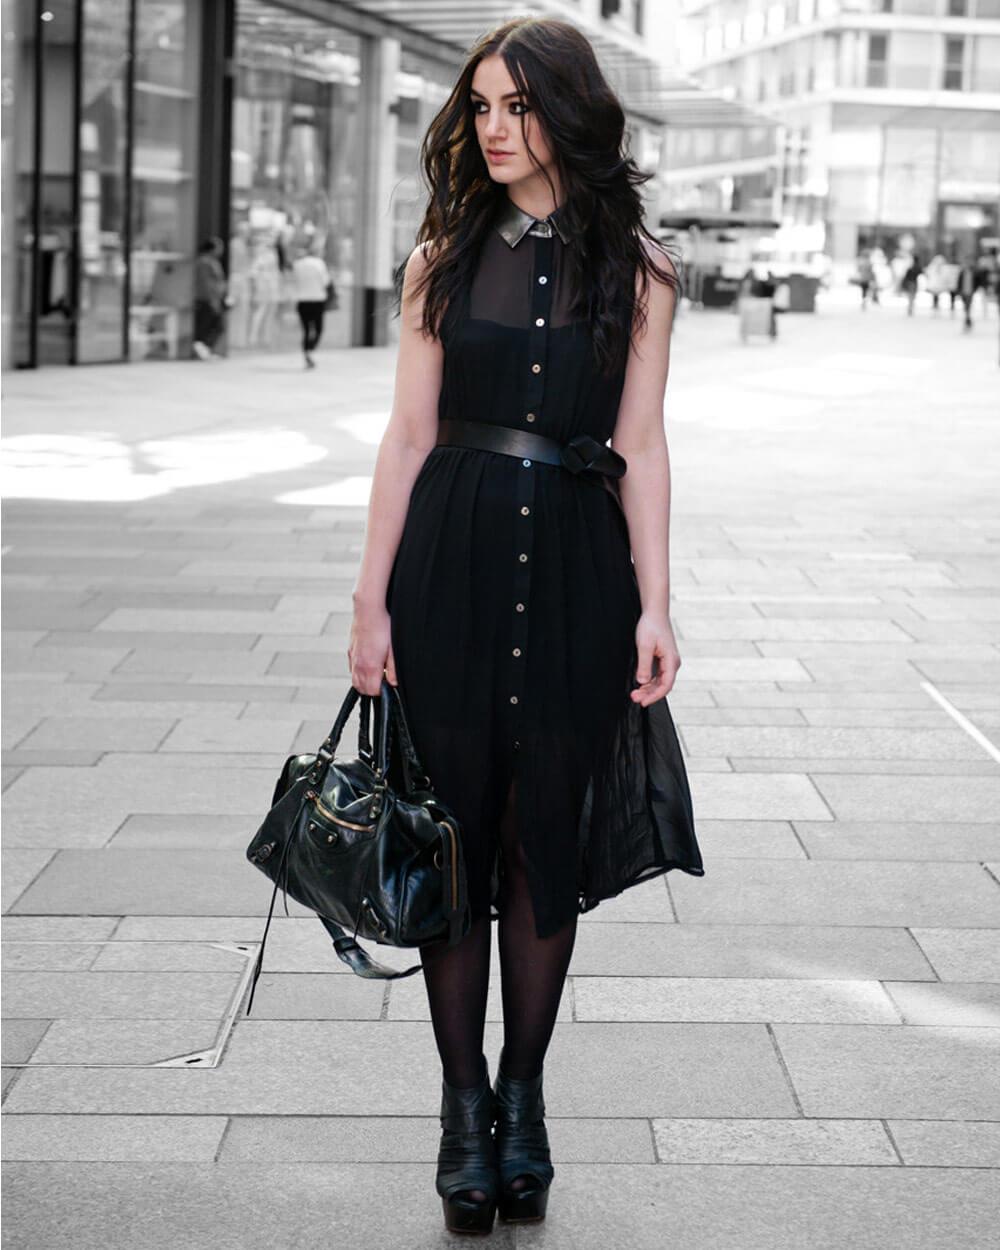 Goth latest fashion trends